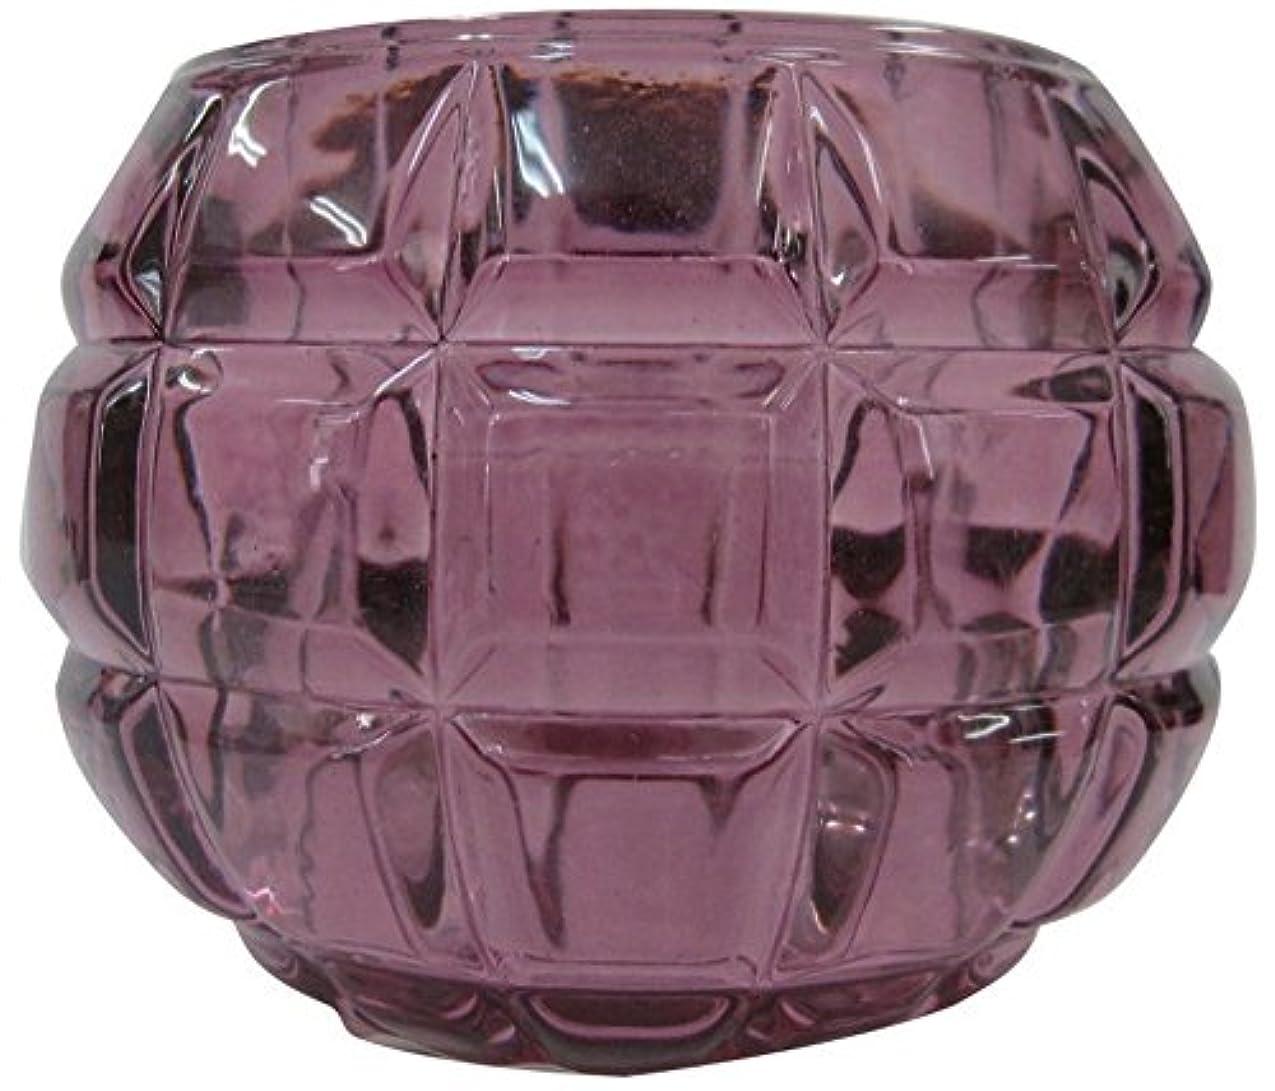 石化するマークされた愛国的なノルコーポレーション ガラス キャンドルホルダー ノスタルギッシュ オールドレッド OH-NOH-1-1